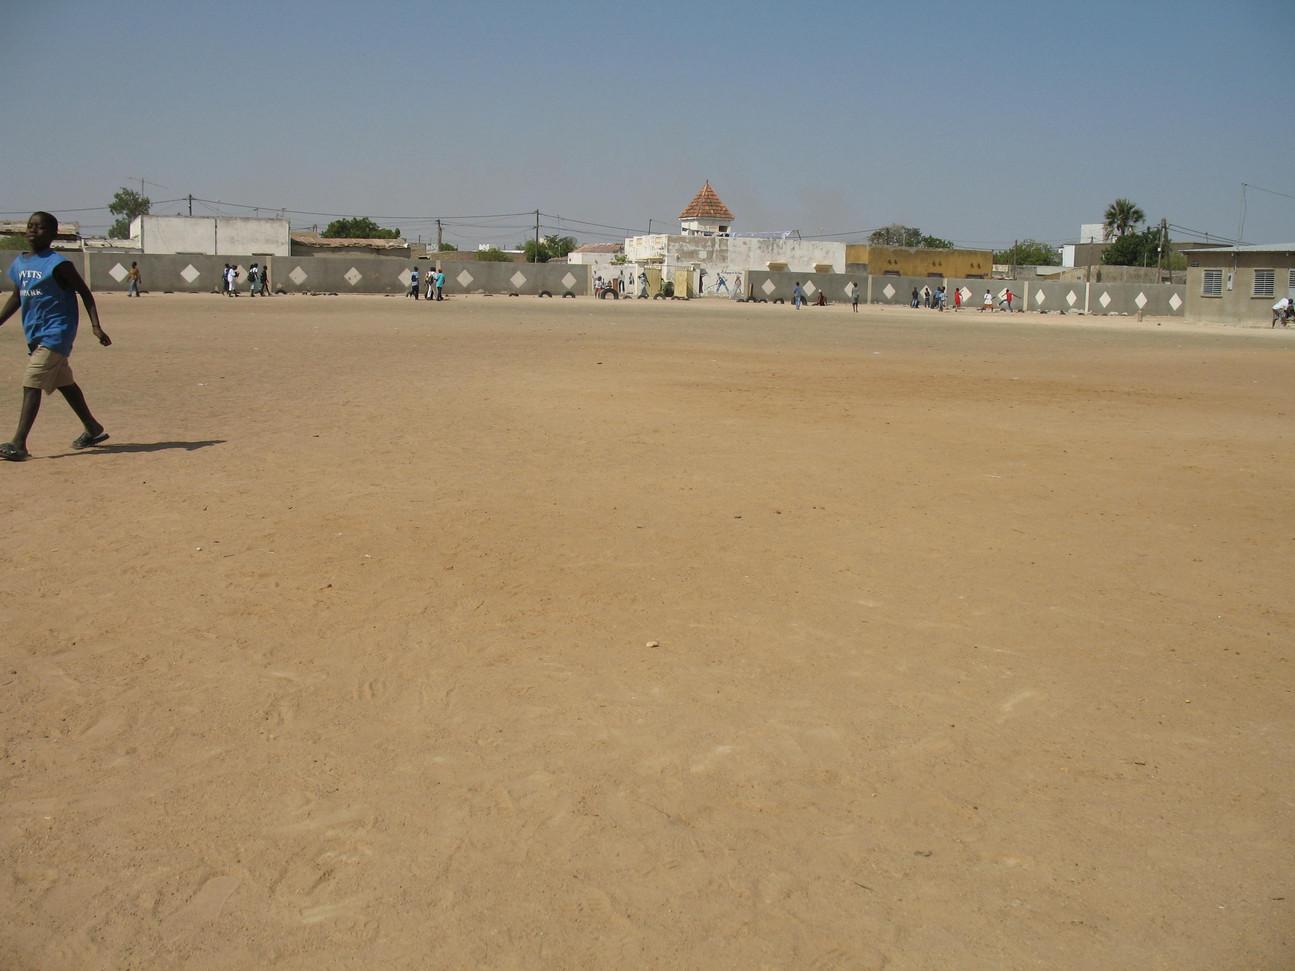 Toute les photos avec des arbres étais unn deserte comme dans cette cour d'école!....